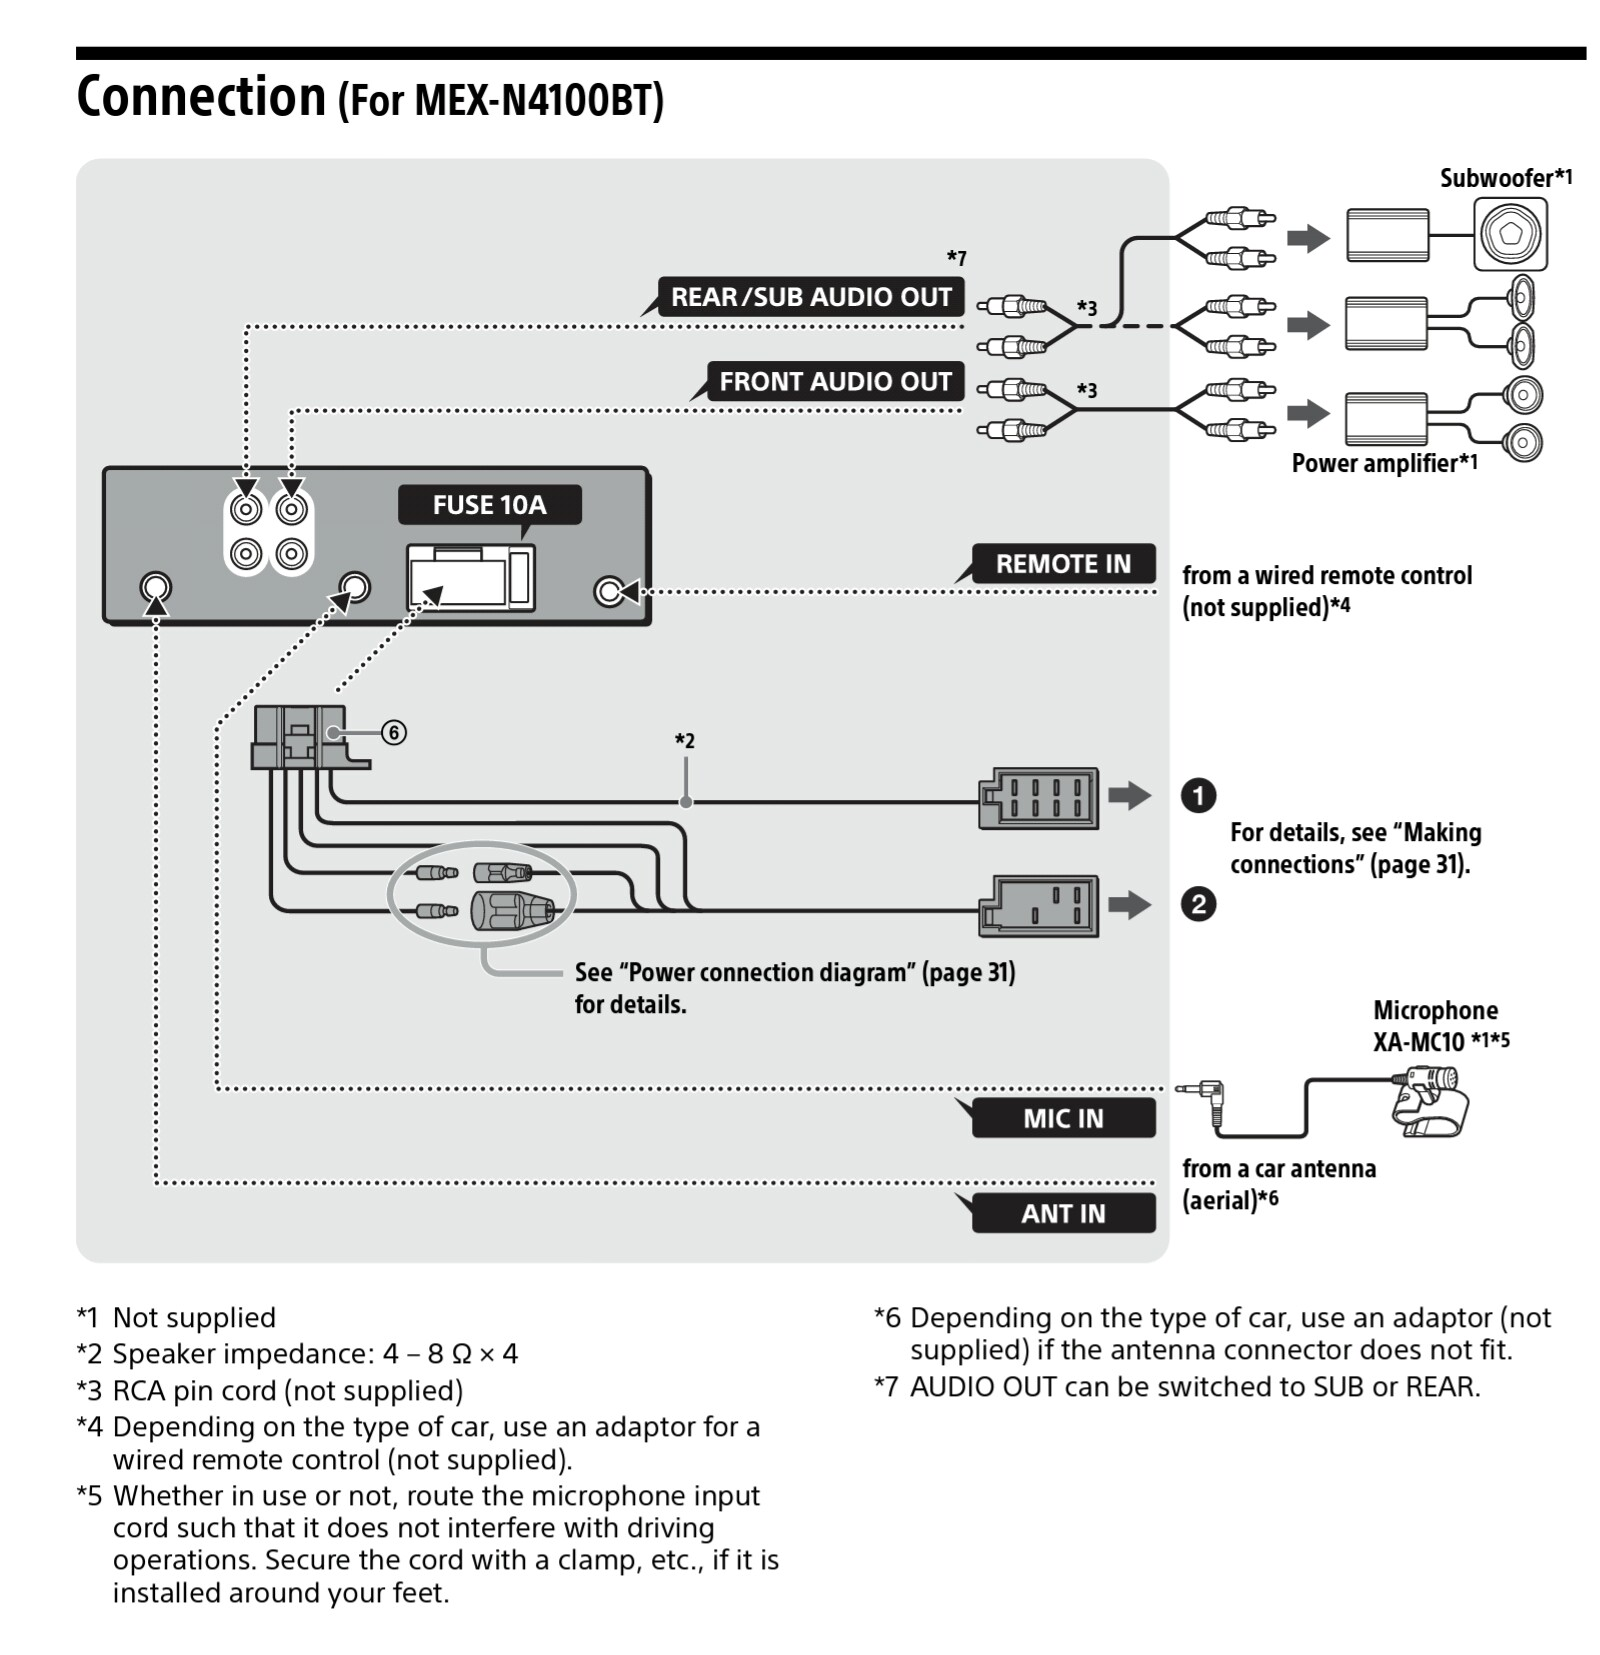 299363iB3119DDF64DB1560?v\\\\\\d1.0 rx8 engine wiring diagram efcaviation com rx8 engine wiring harness diagram at webbmarketing.co